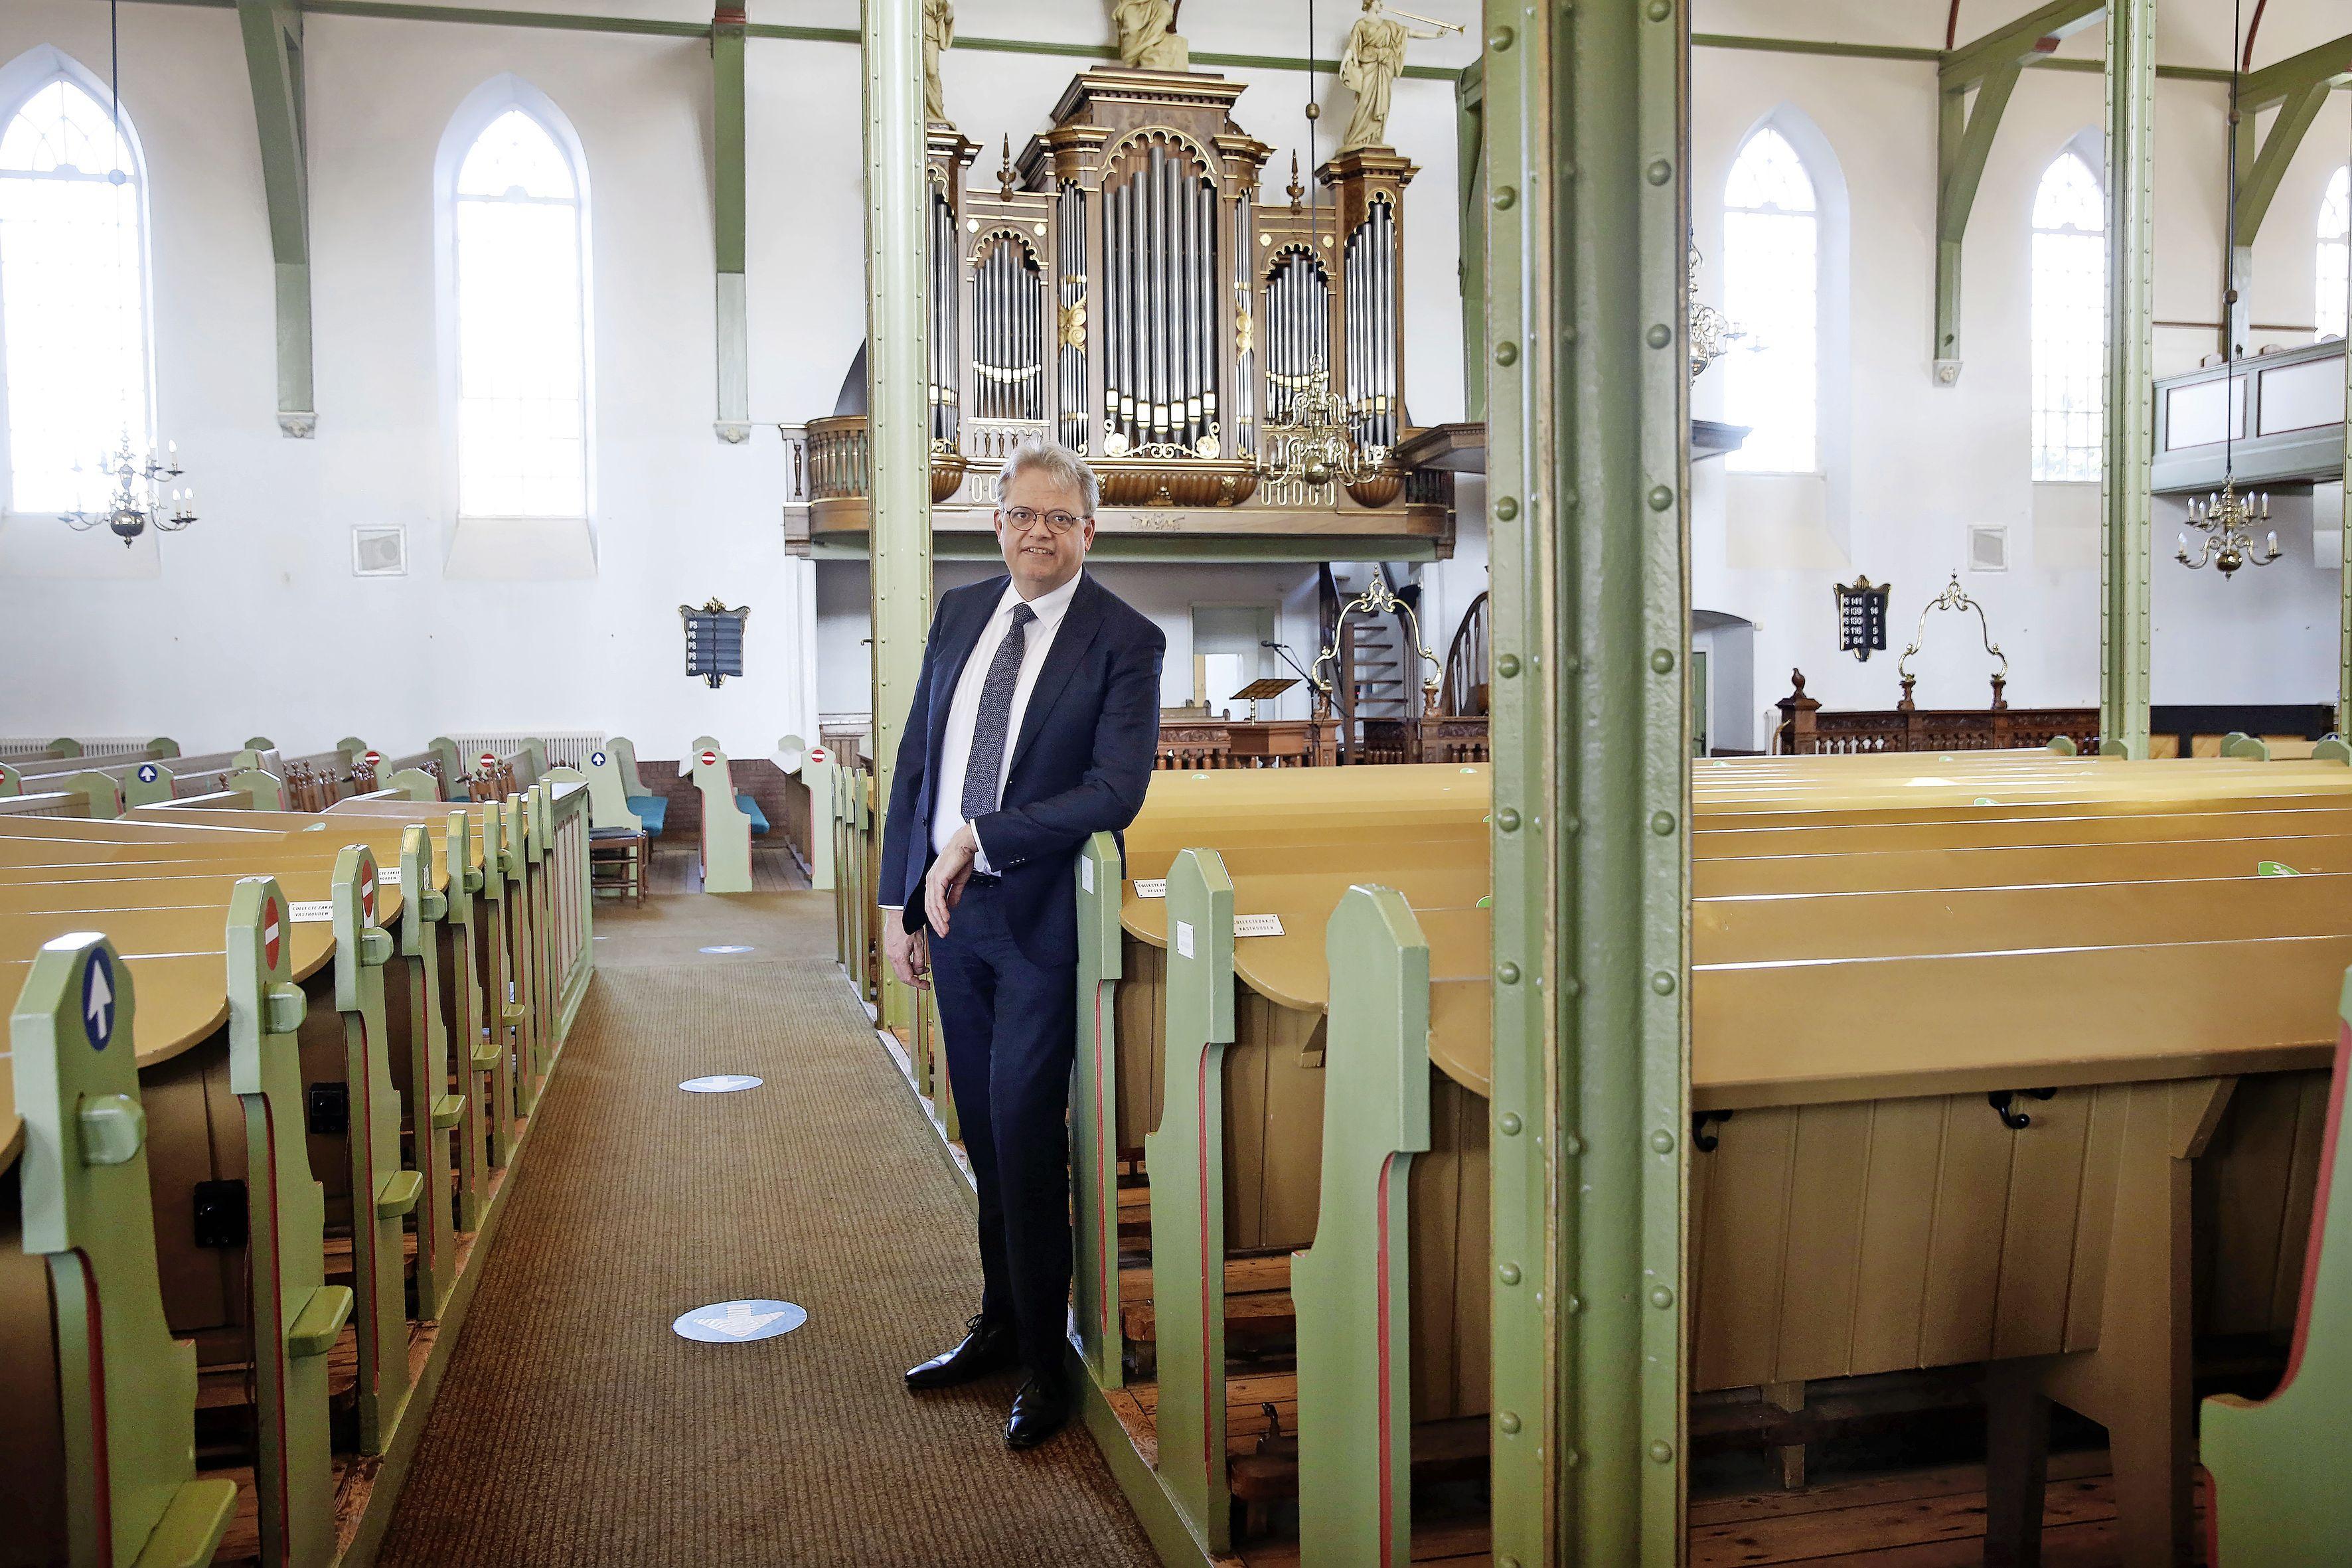 Buikpijn van beelden uit Urk. Dominees Piet van 't Hof (Huizen) en Jan Janssen (Bunschoten) noemen volle kerken en geweld tegen journalisten 'triest' en 'een slechte zaak'; 'Dit straalt negatief af op alle christenen'